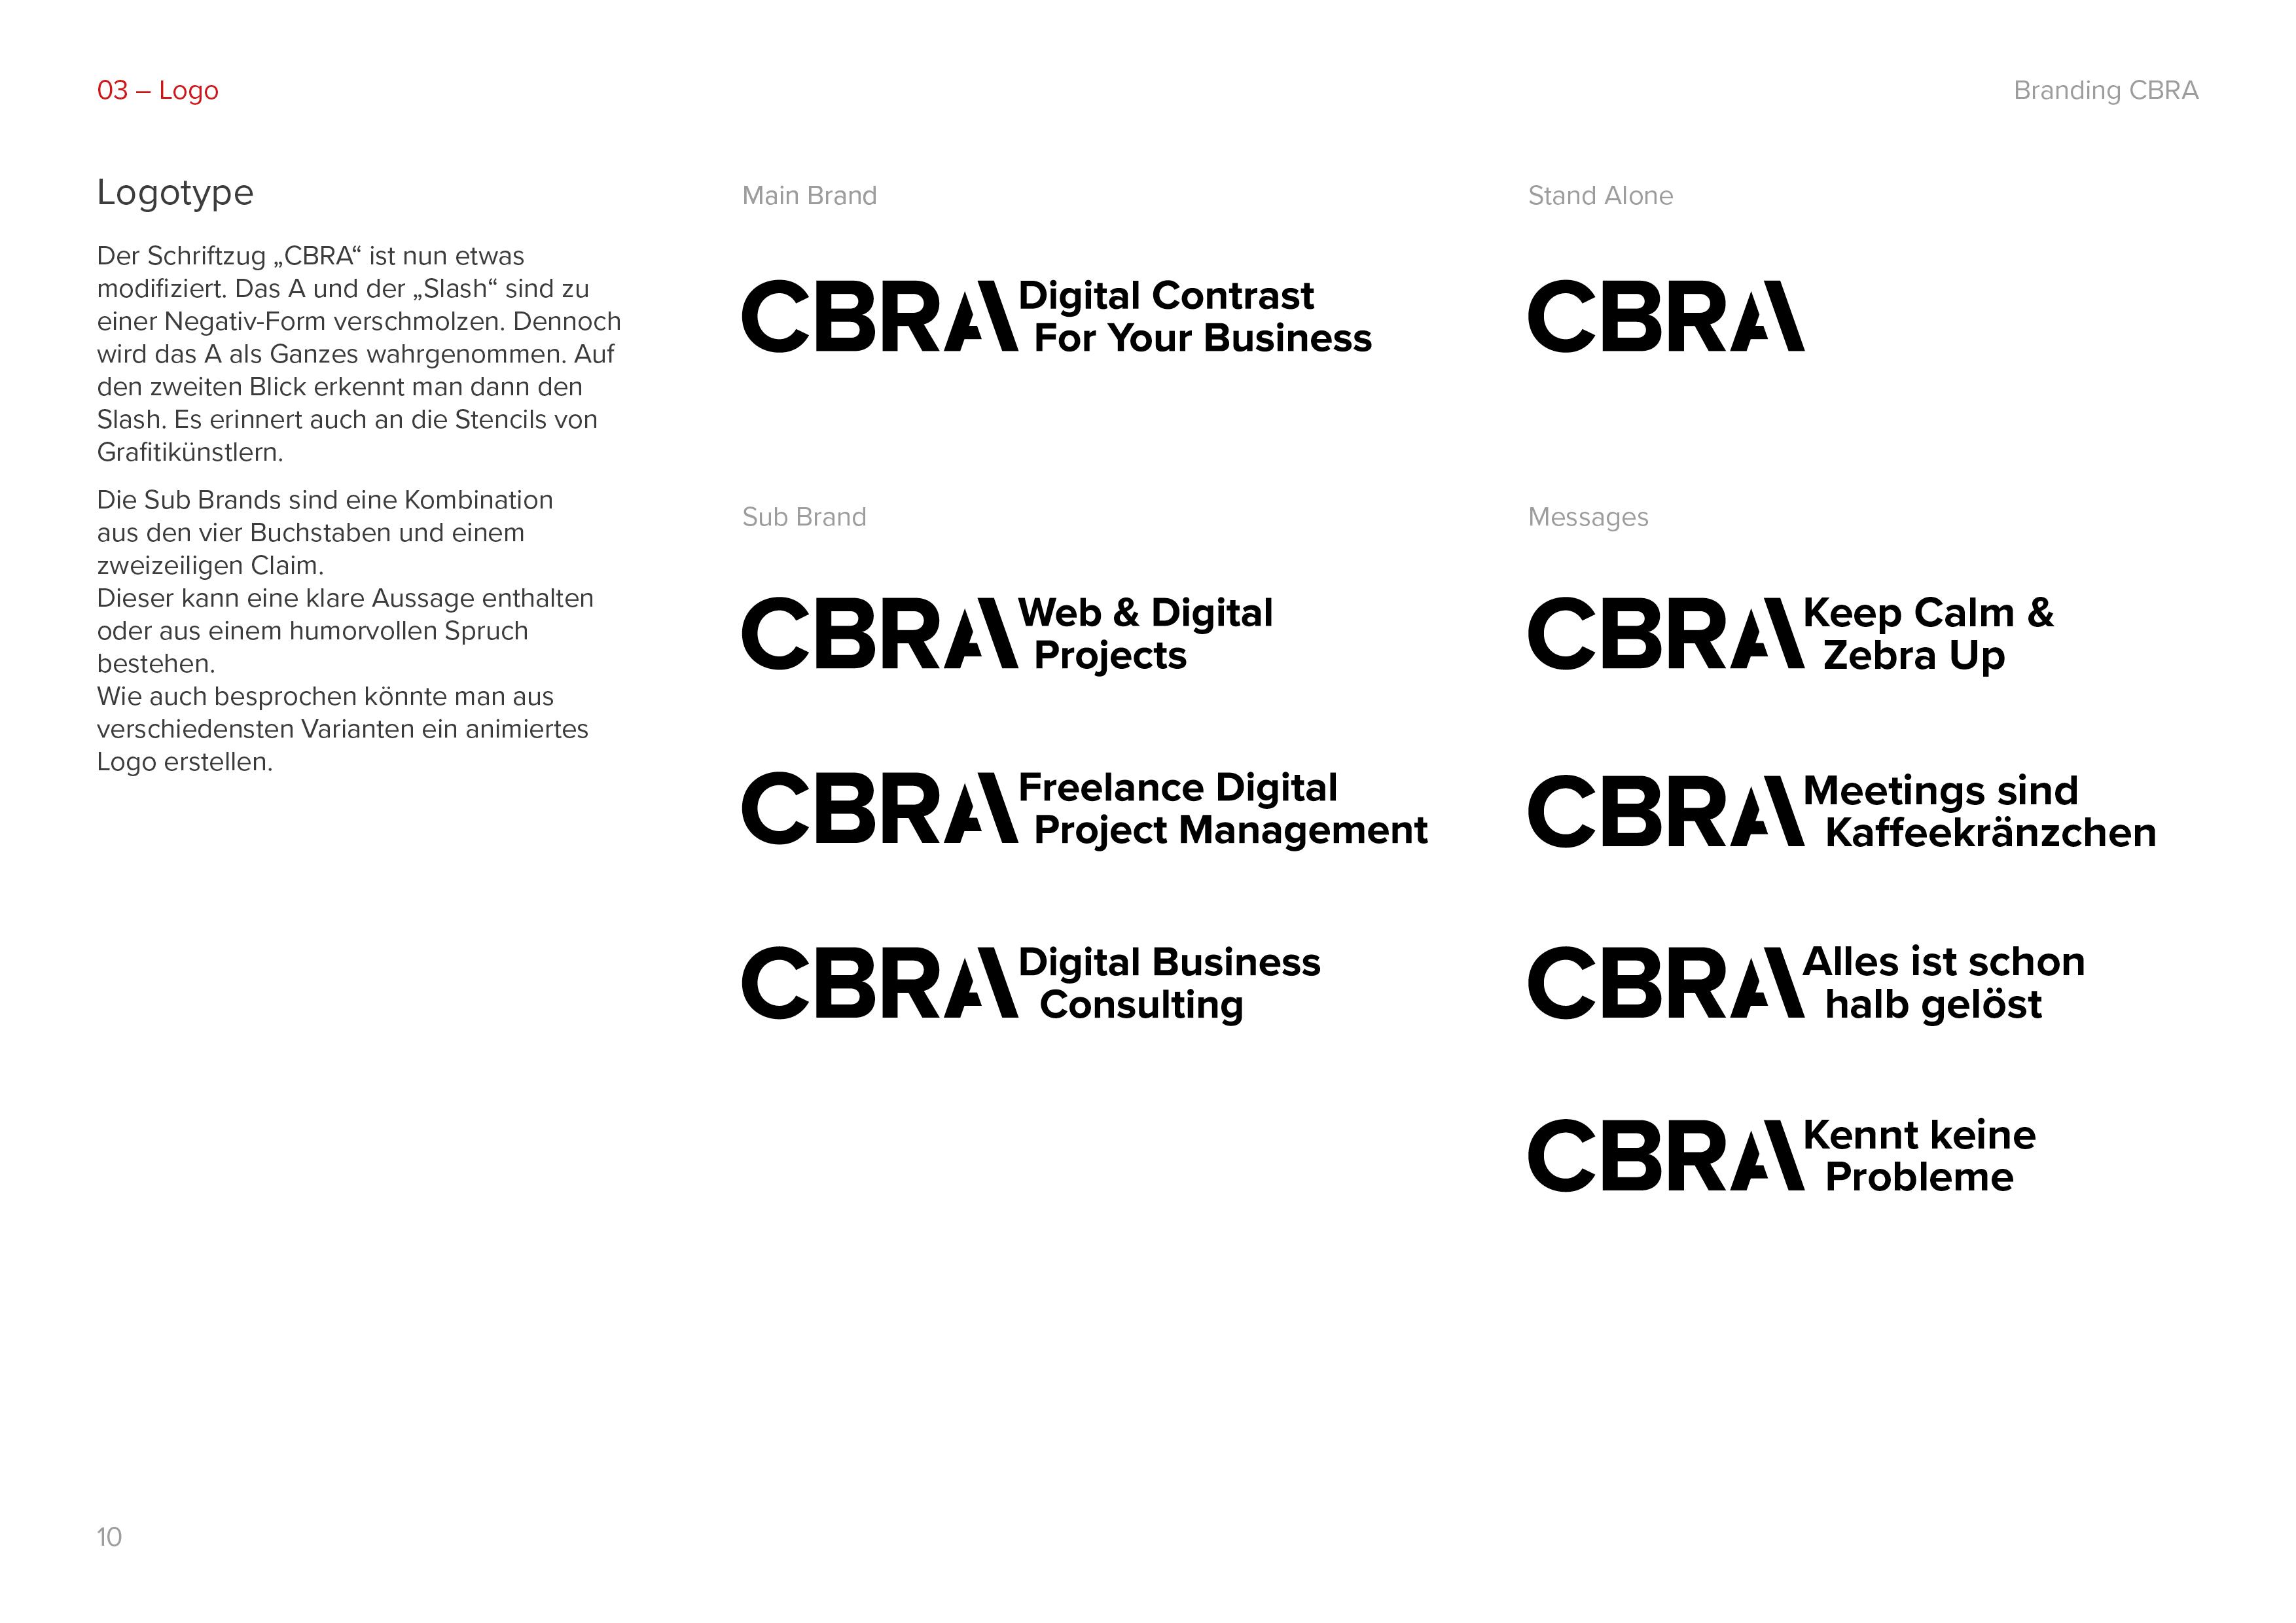 cbra-Manual-Sprint-02-01